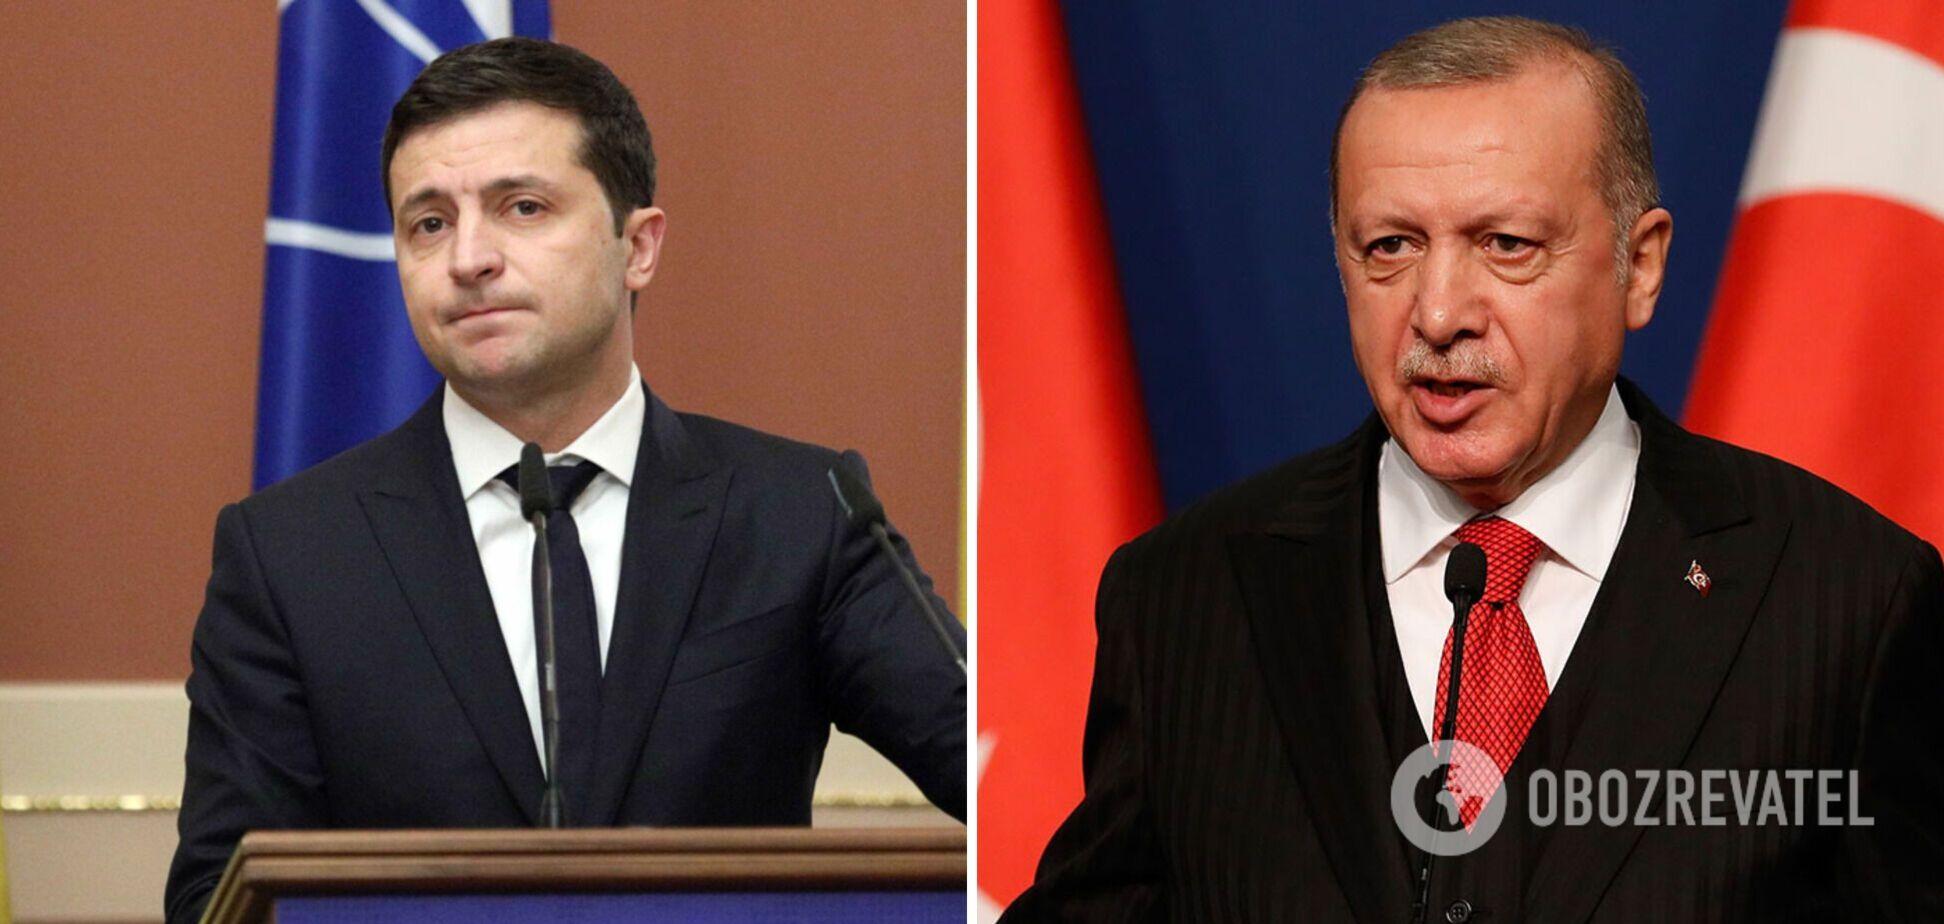 Зеленский с Эрдоганом обсудили Крым и обострение на Донбассе: итоги встречи